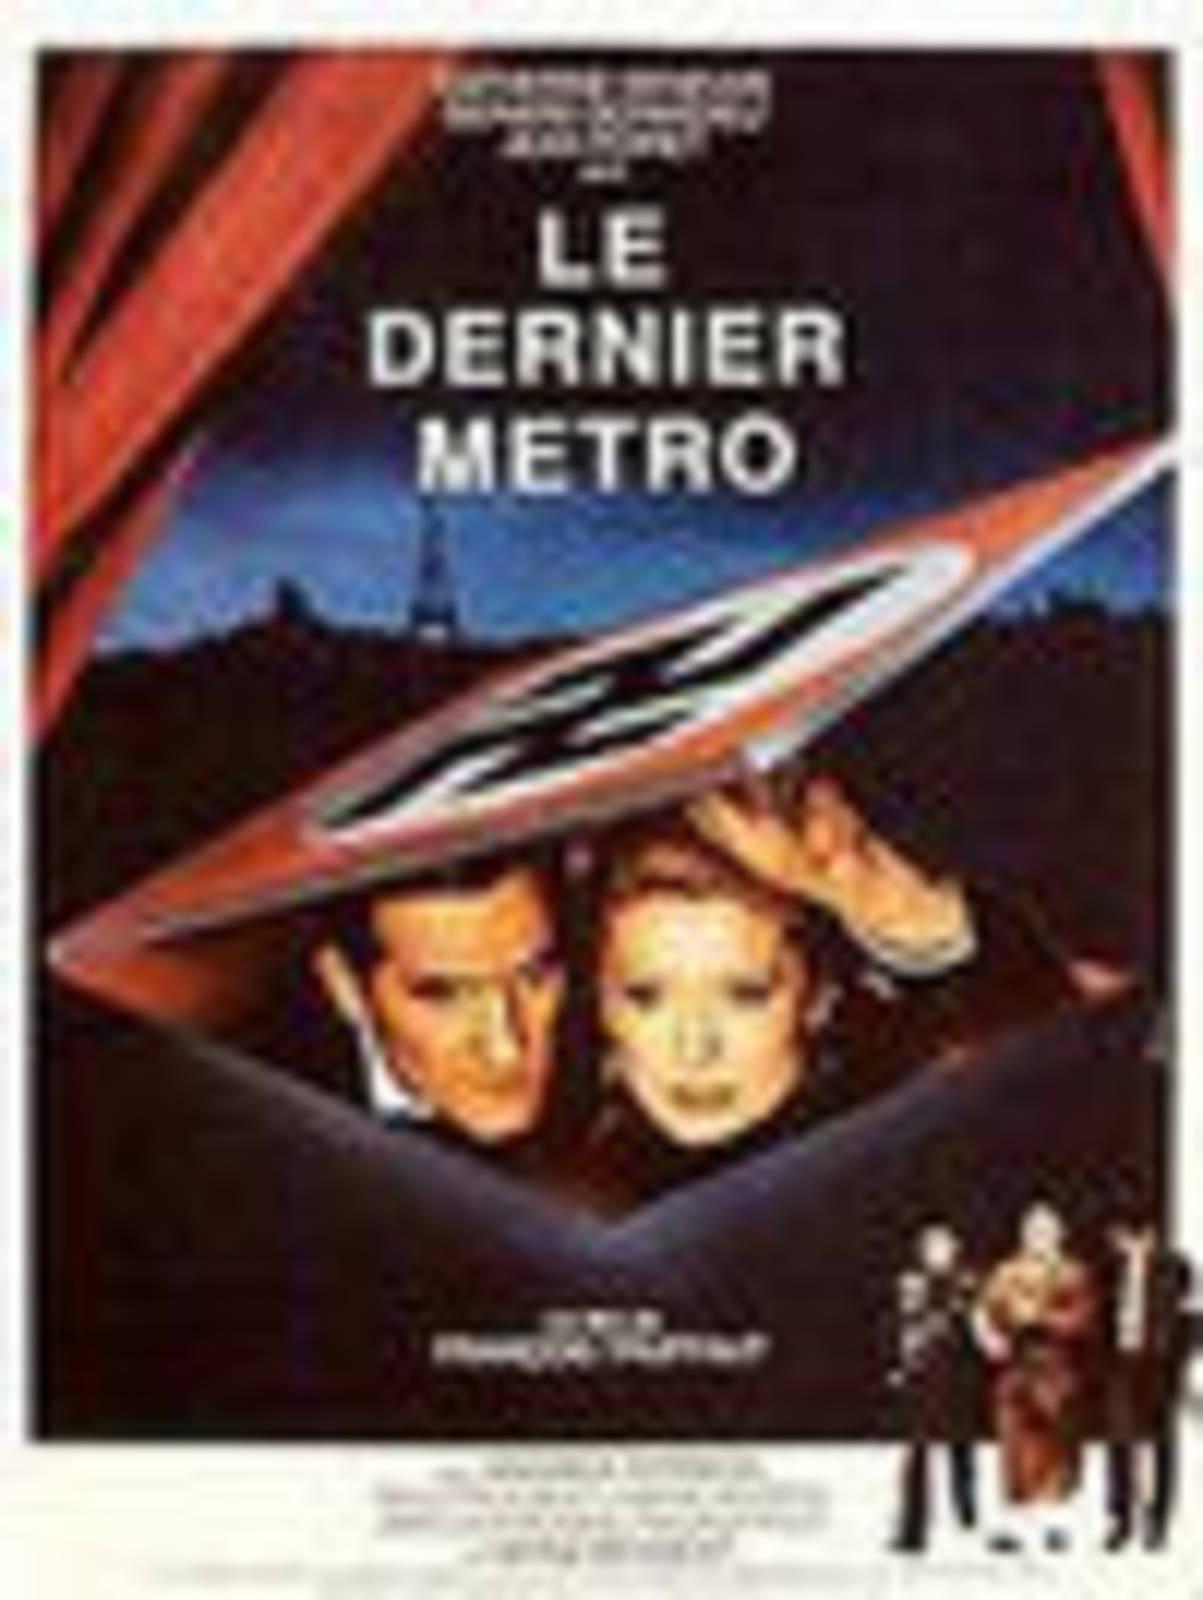 Film die letzte metro cineman for Die letzte metro